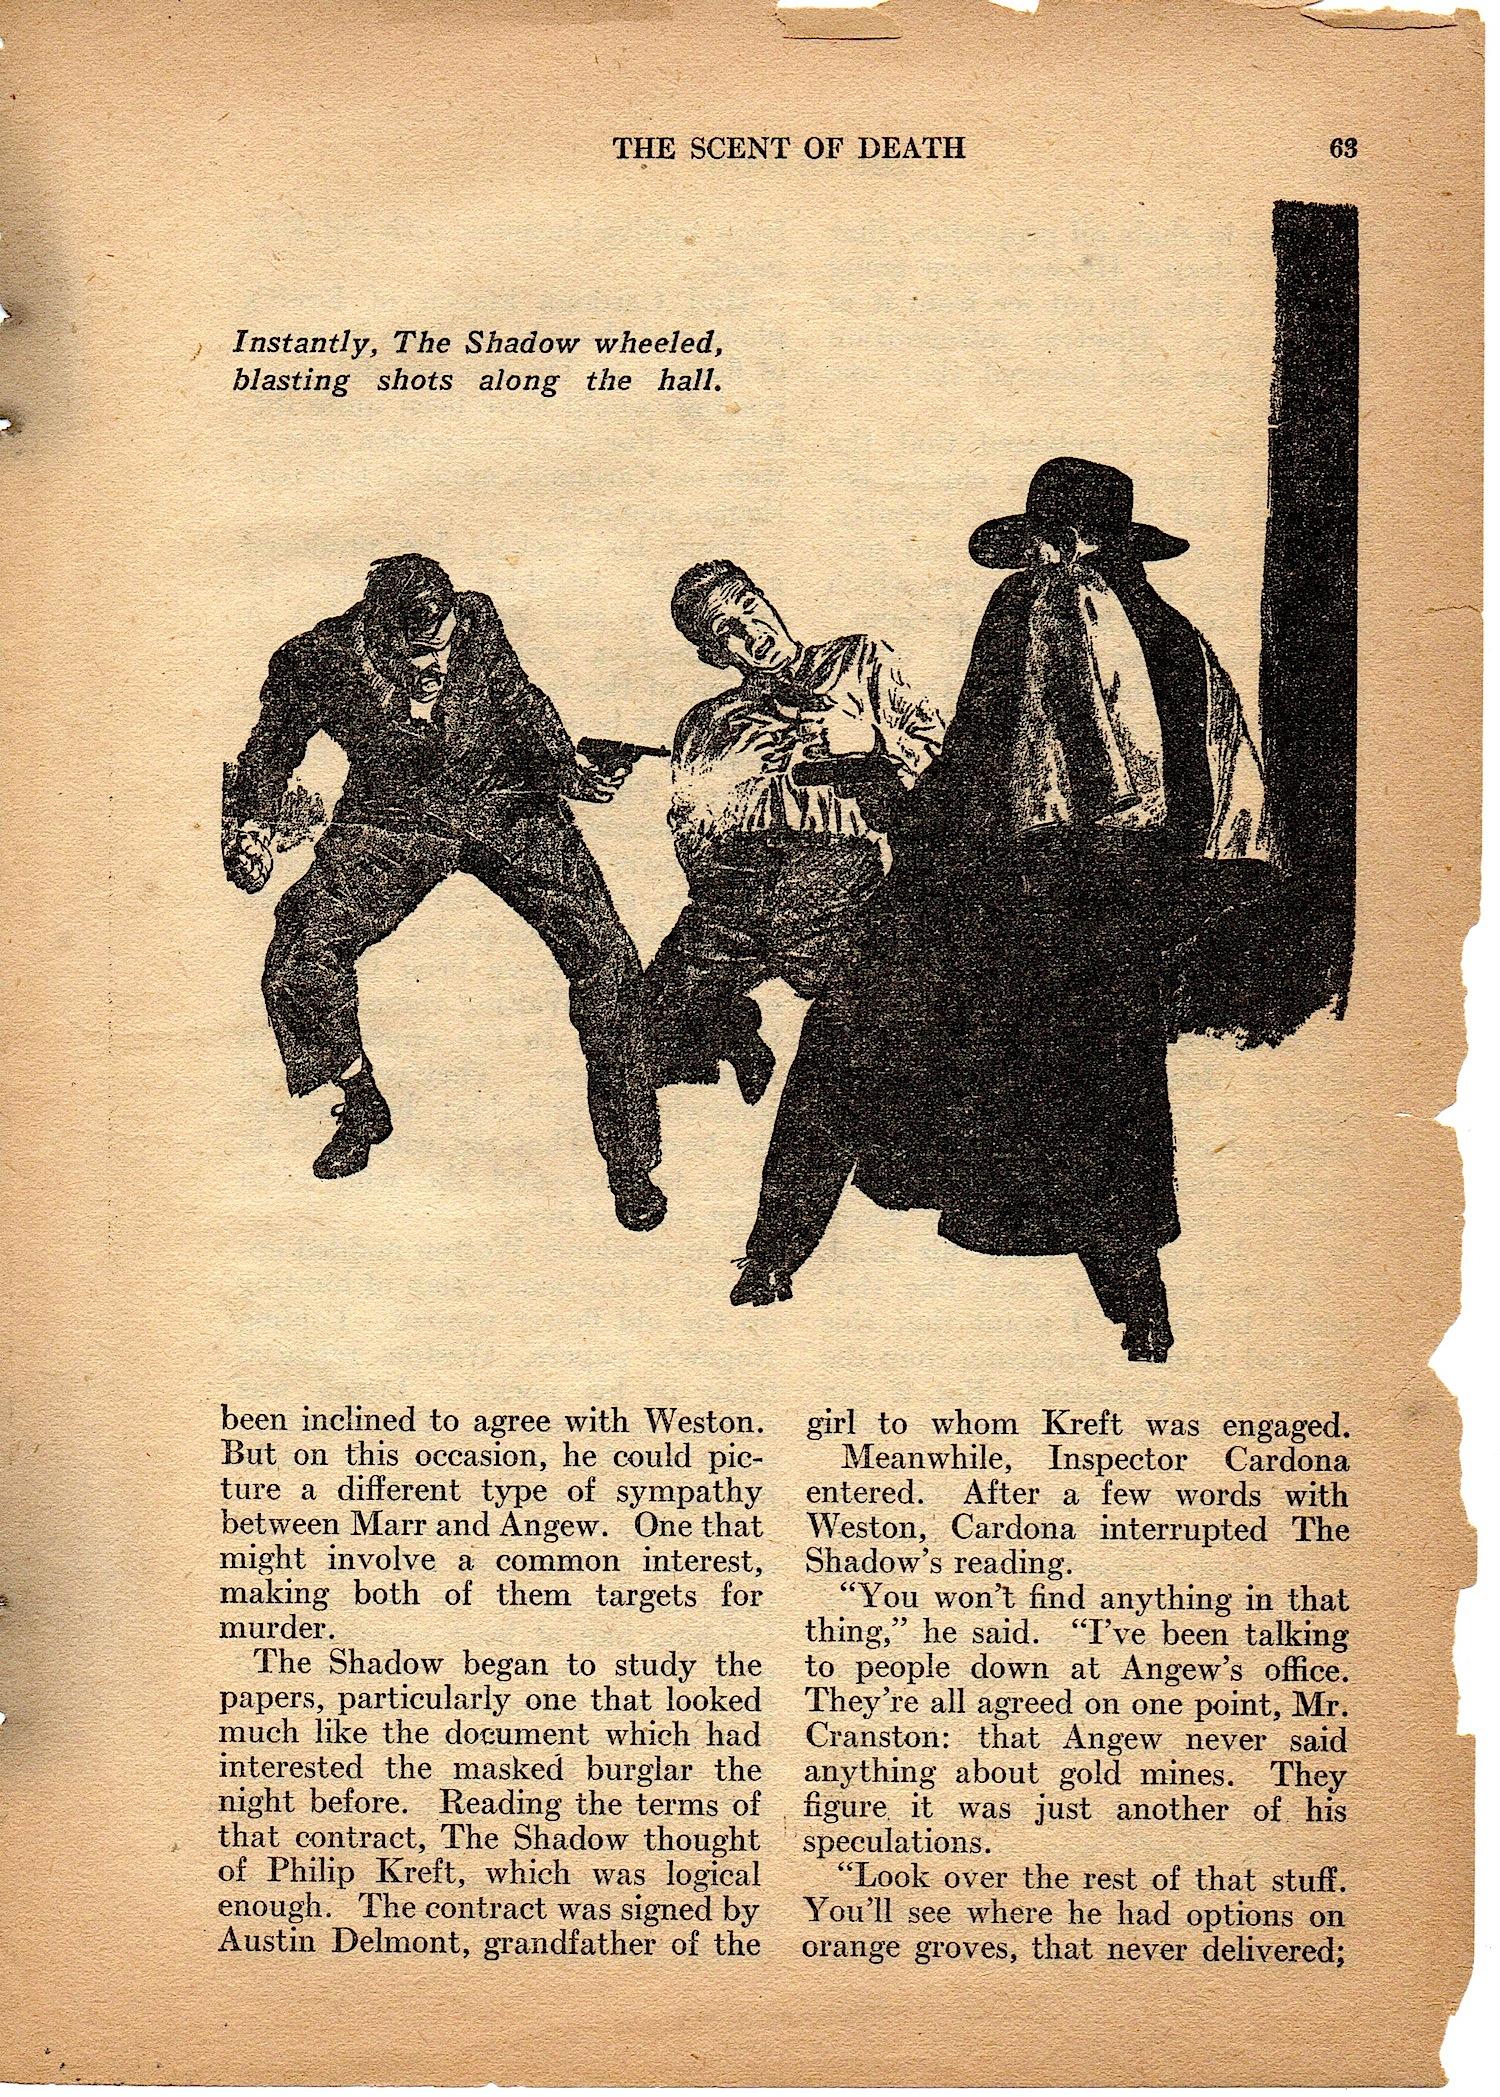 earl_mayan_shadow_scent_of_death_1940_3.jpg